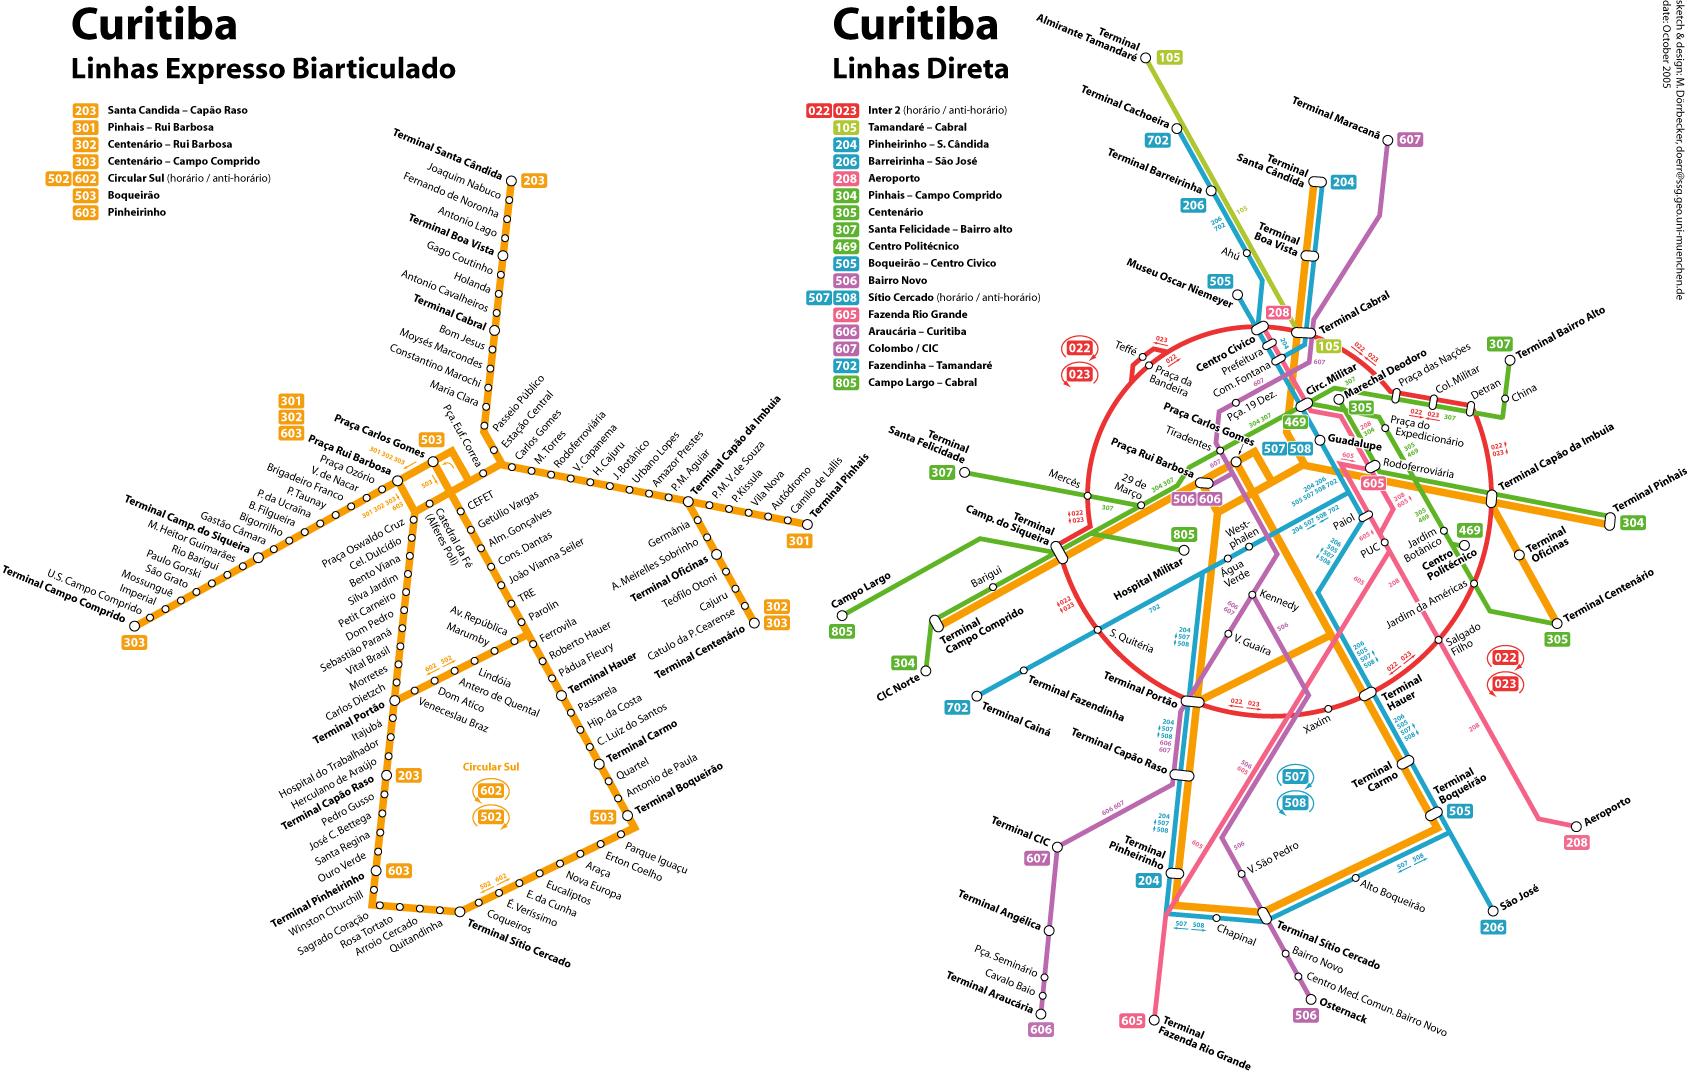 Mapa de la Red de Transporte Publico de Curitiba, Brasil